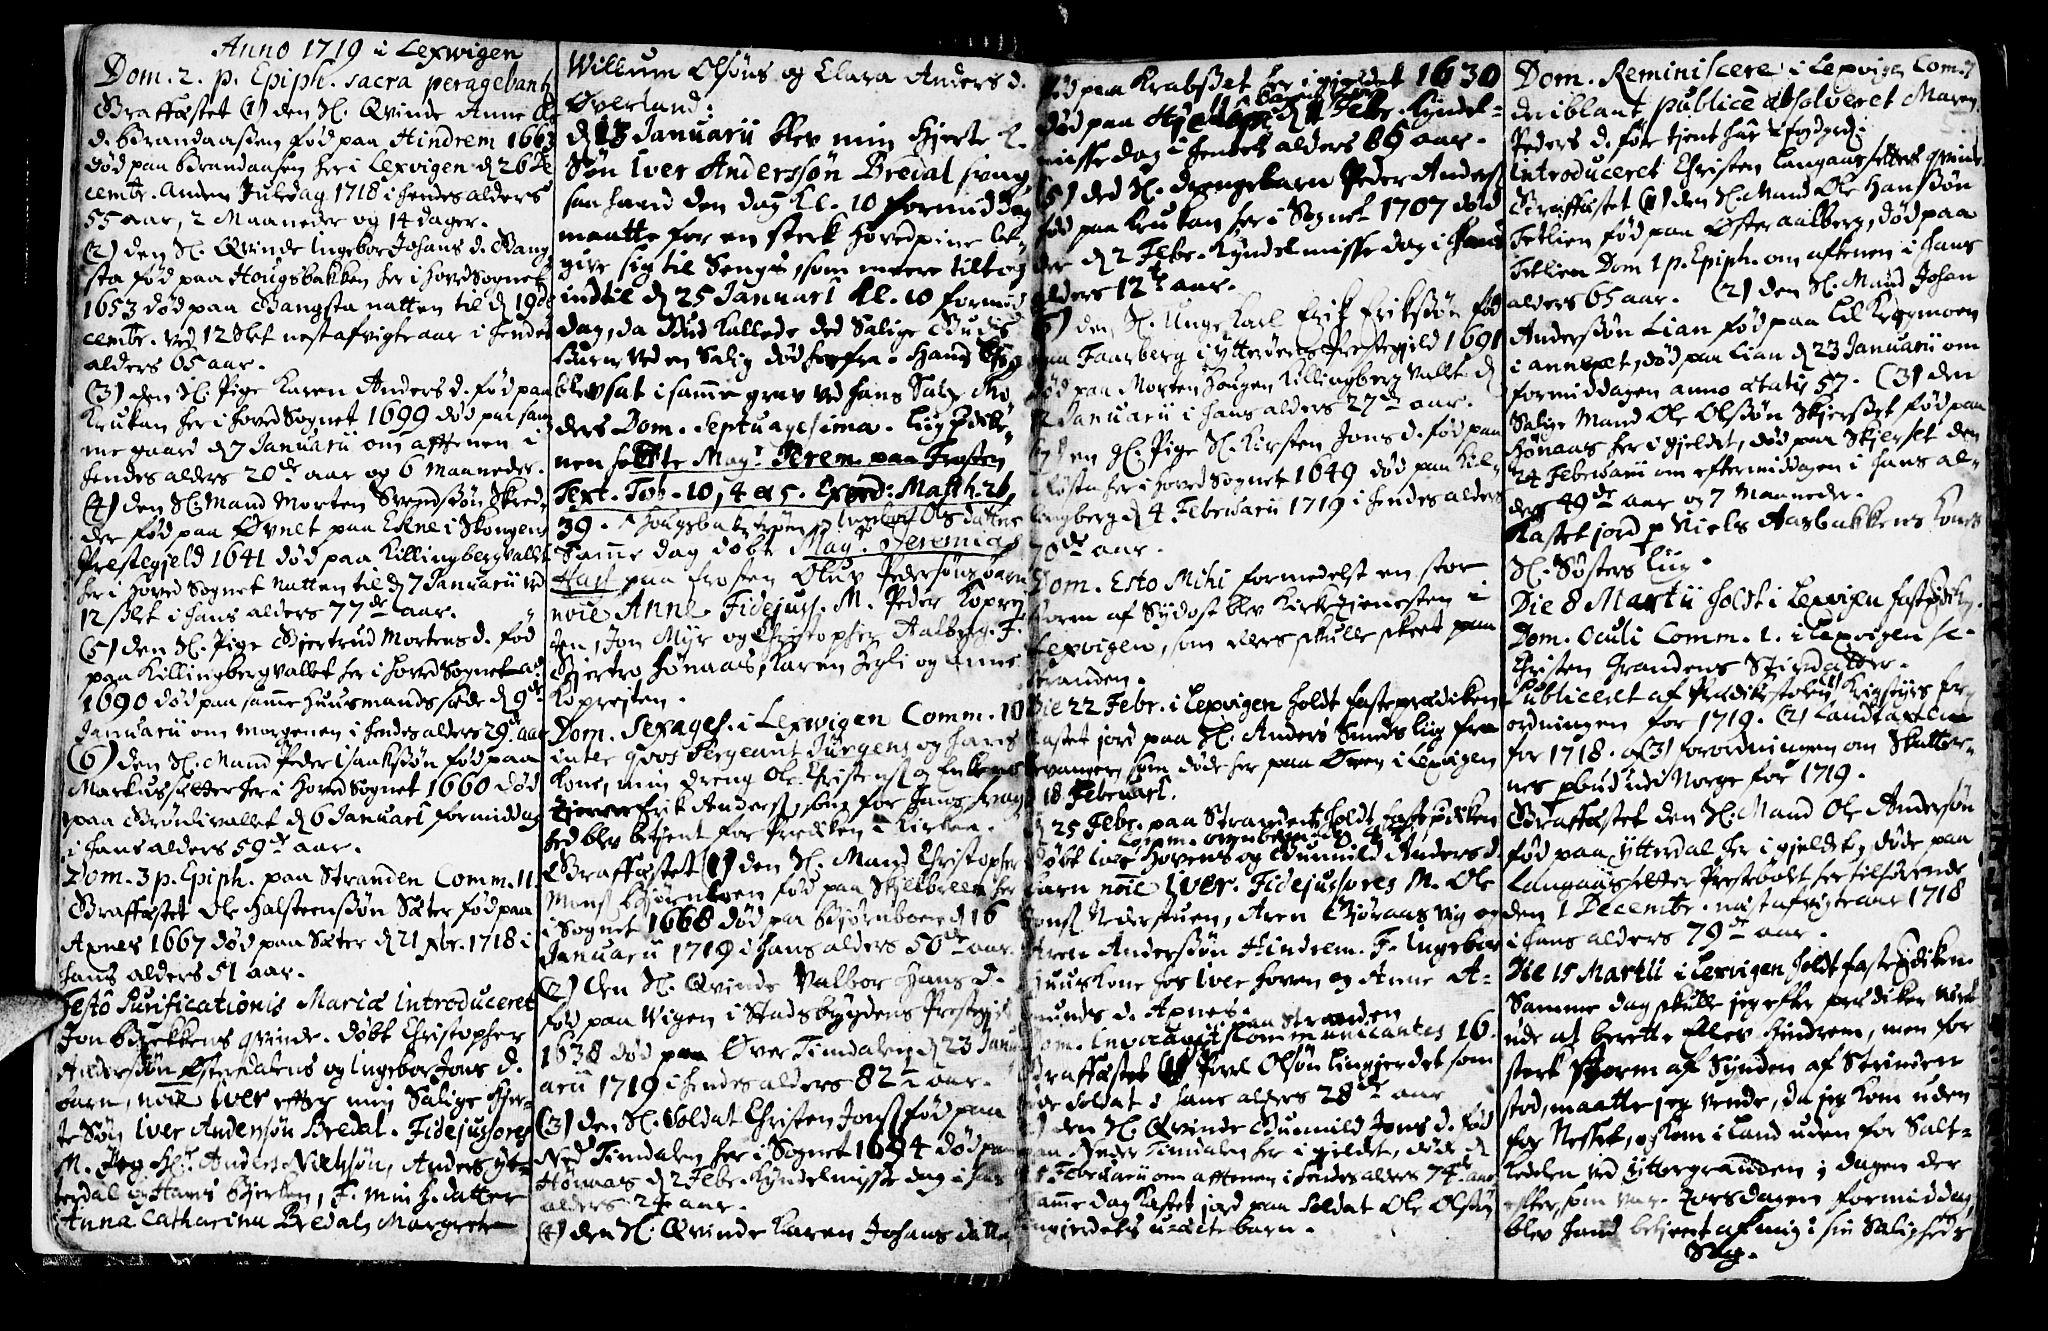 SAT, Ministerialprotokoller, klokkerbøker og fødselsregistre - Nord-Trøndelag, 701/L0001: Ministerialbok nr. 701A01, 1717-1731, s. 5